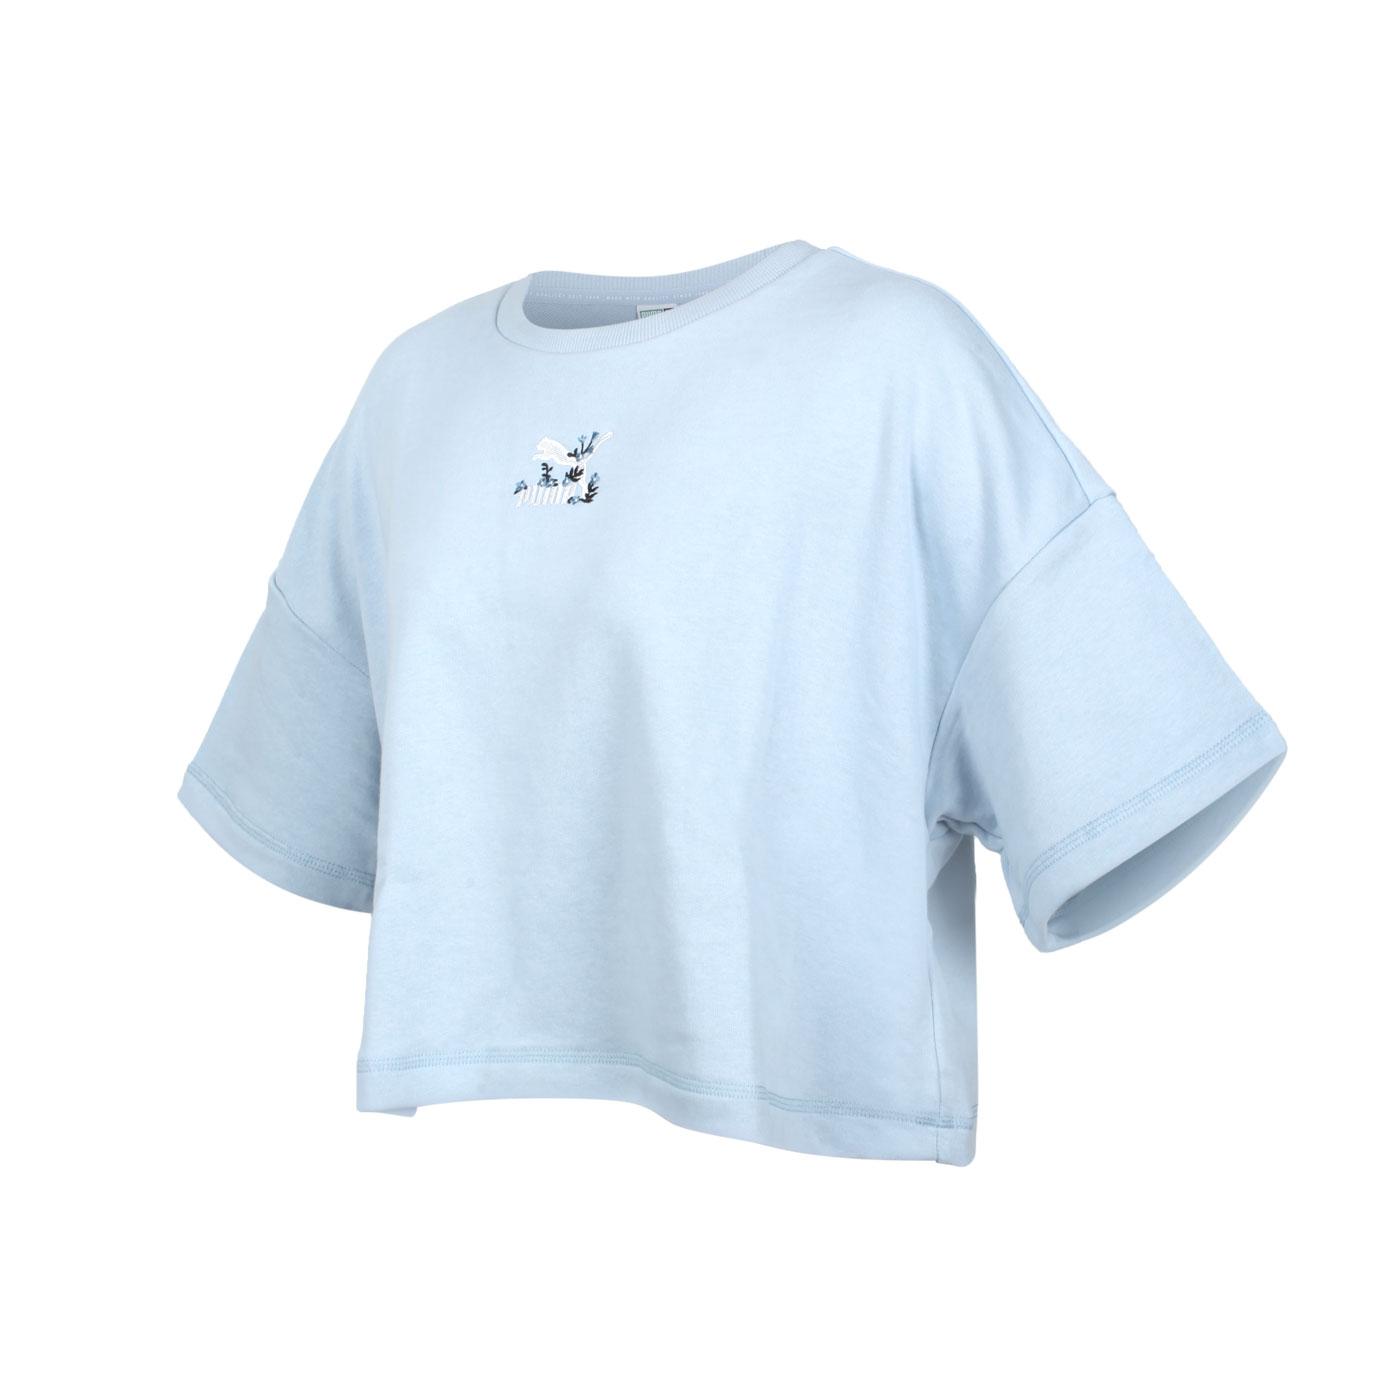 PUMA 女款流行系列Floral短袖T恤 53313161